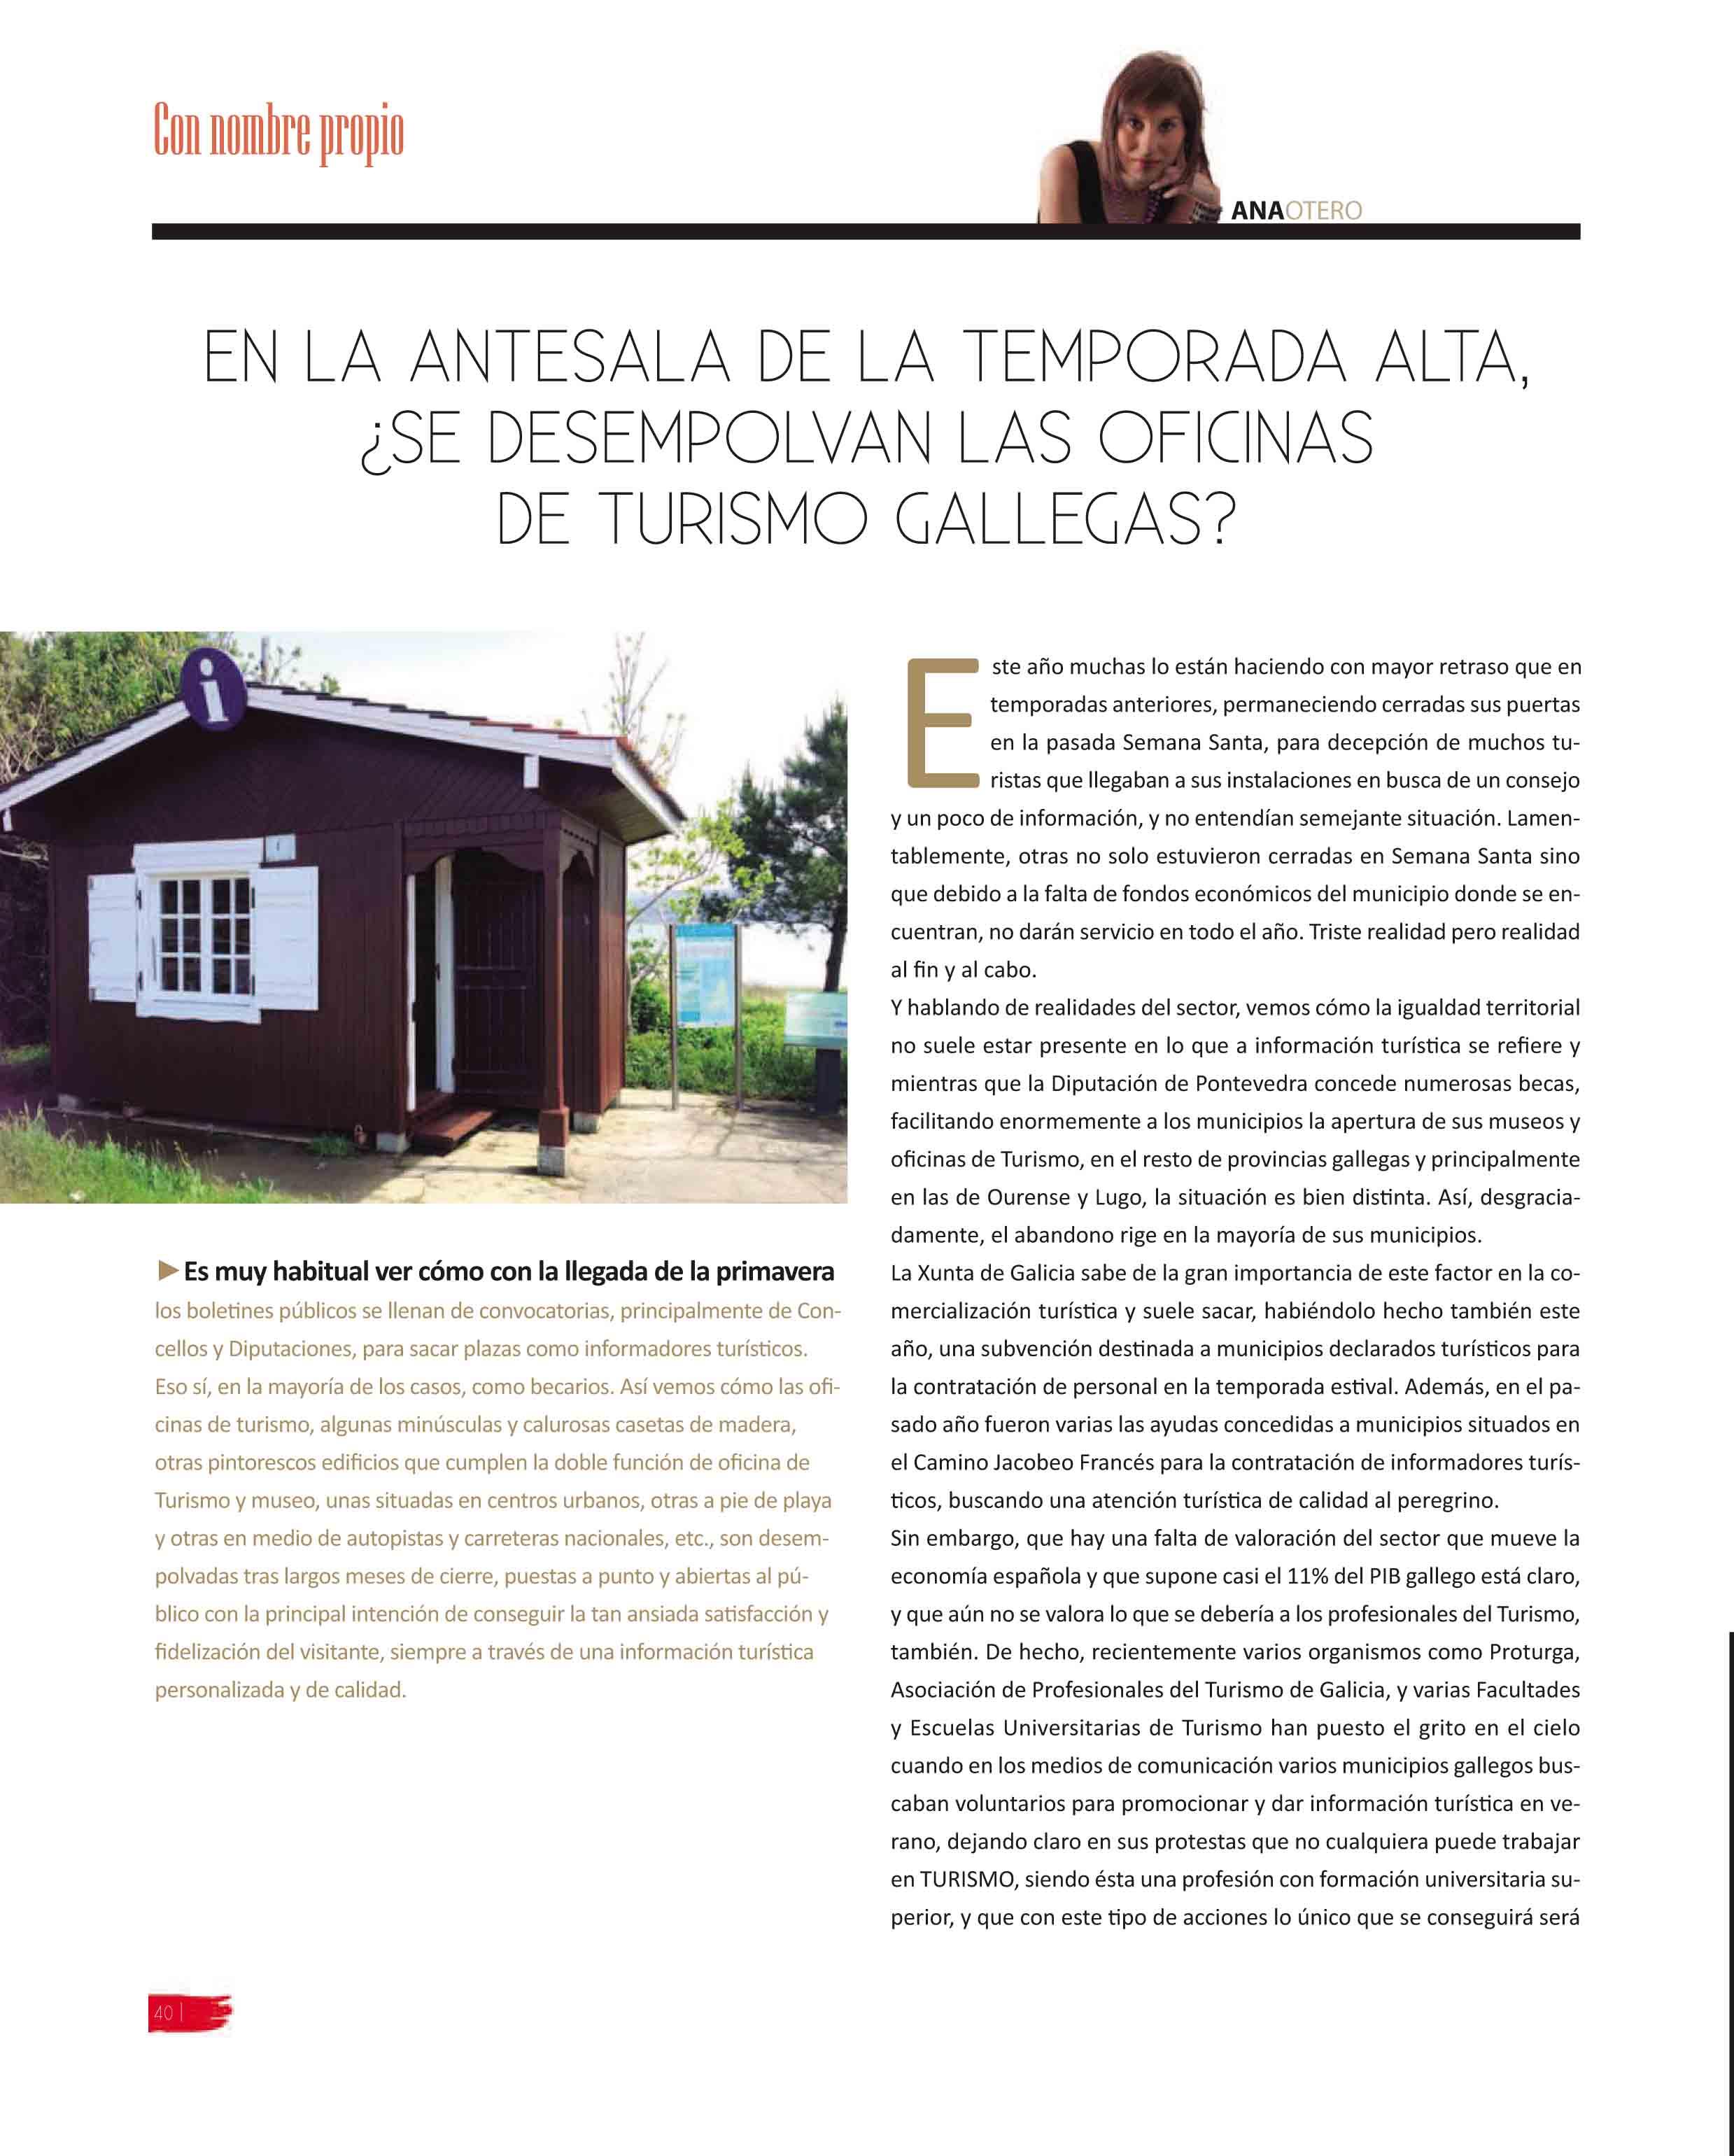 Las oficinas de turismo en galicia murmullos entre maletas for Oficina turismo galicia